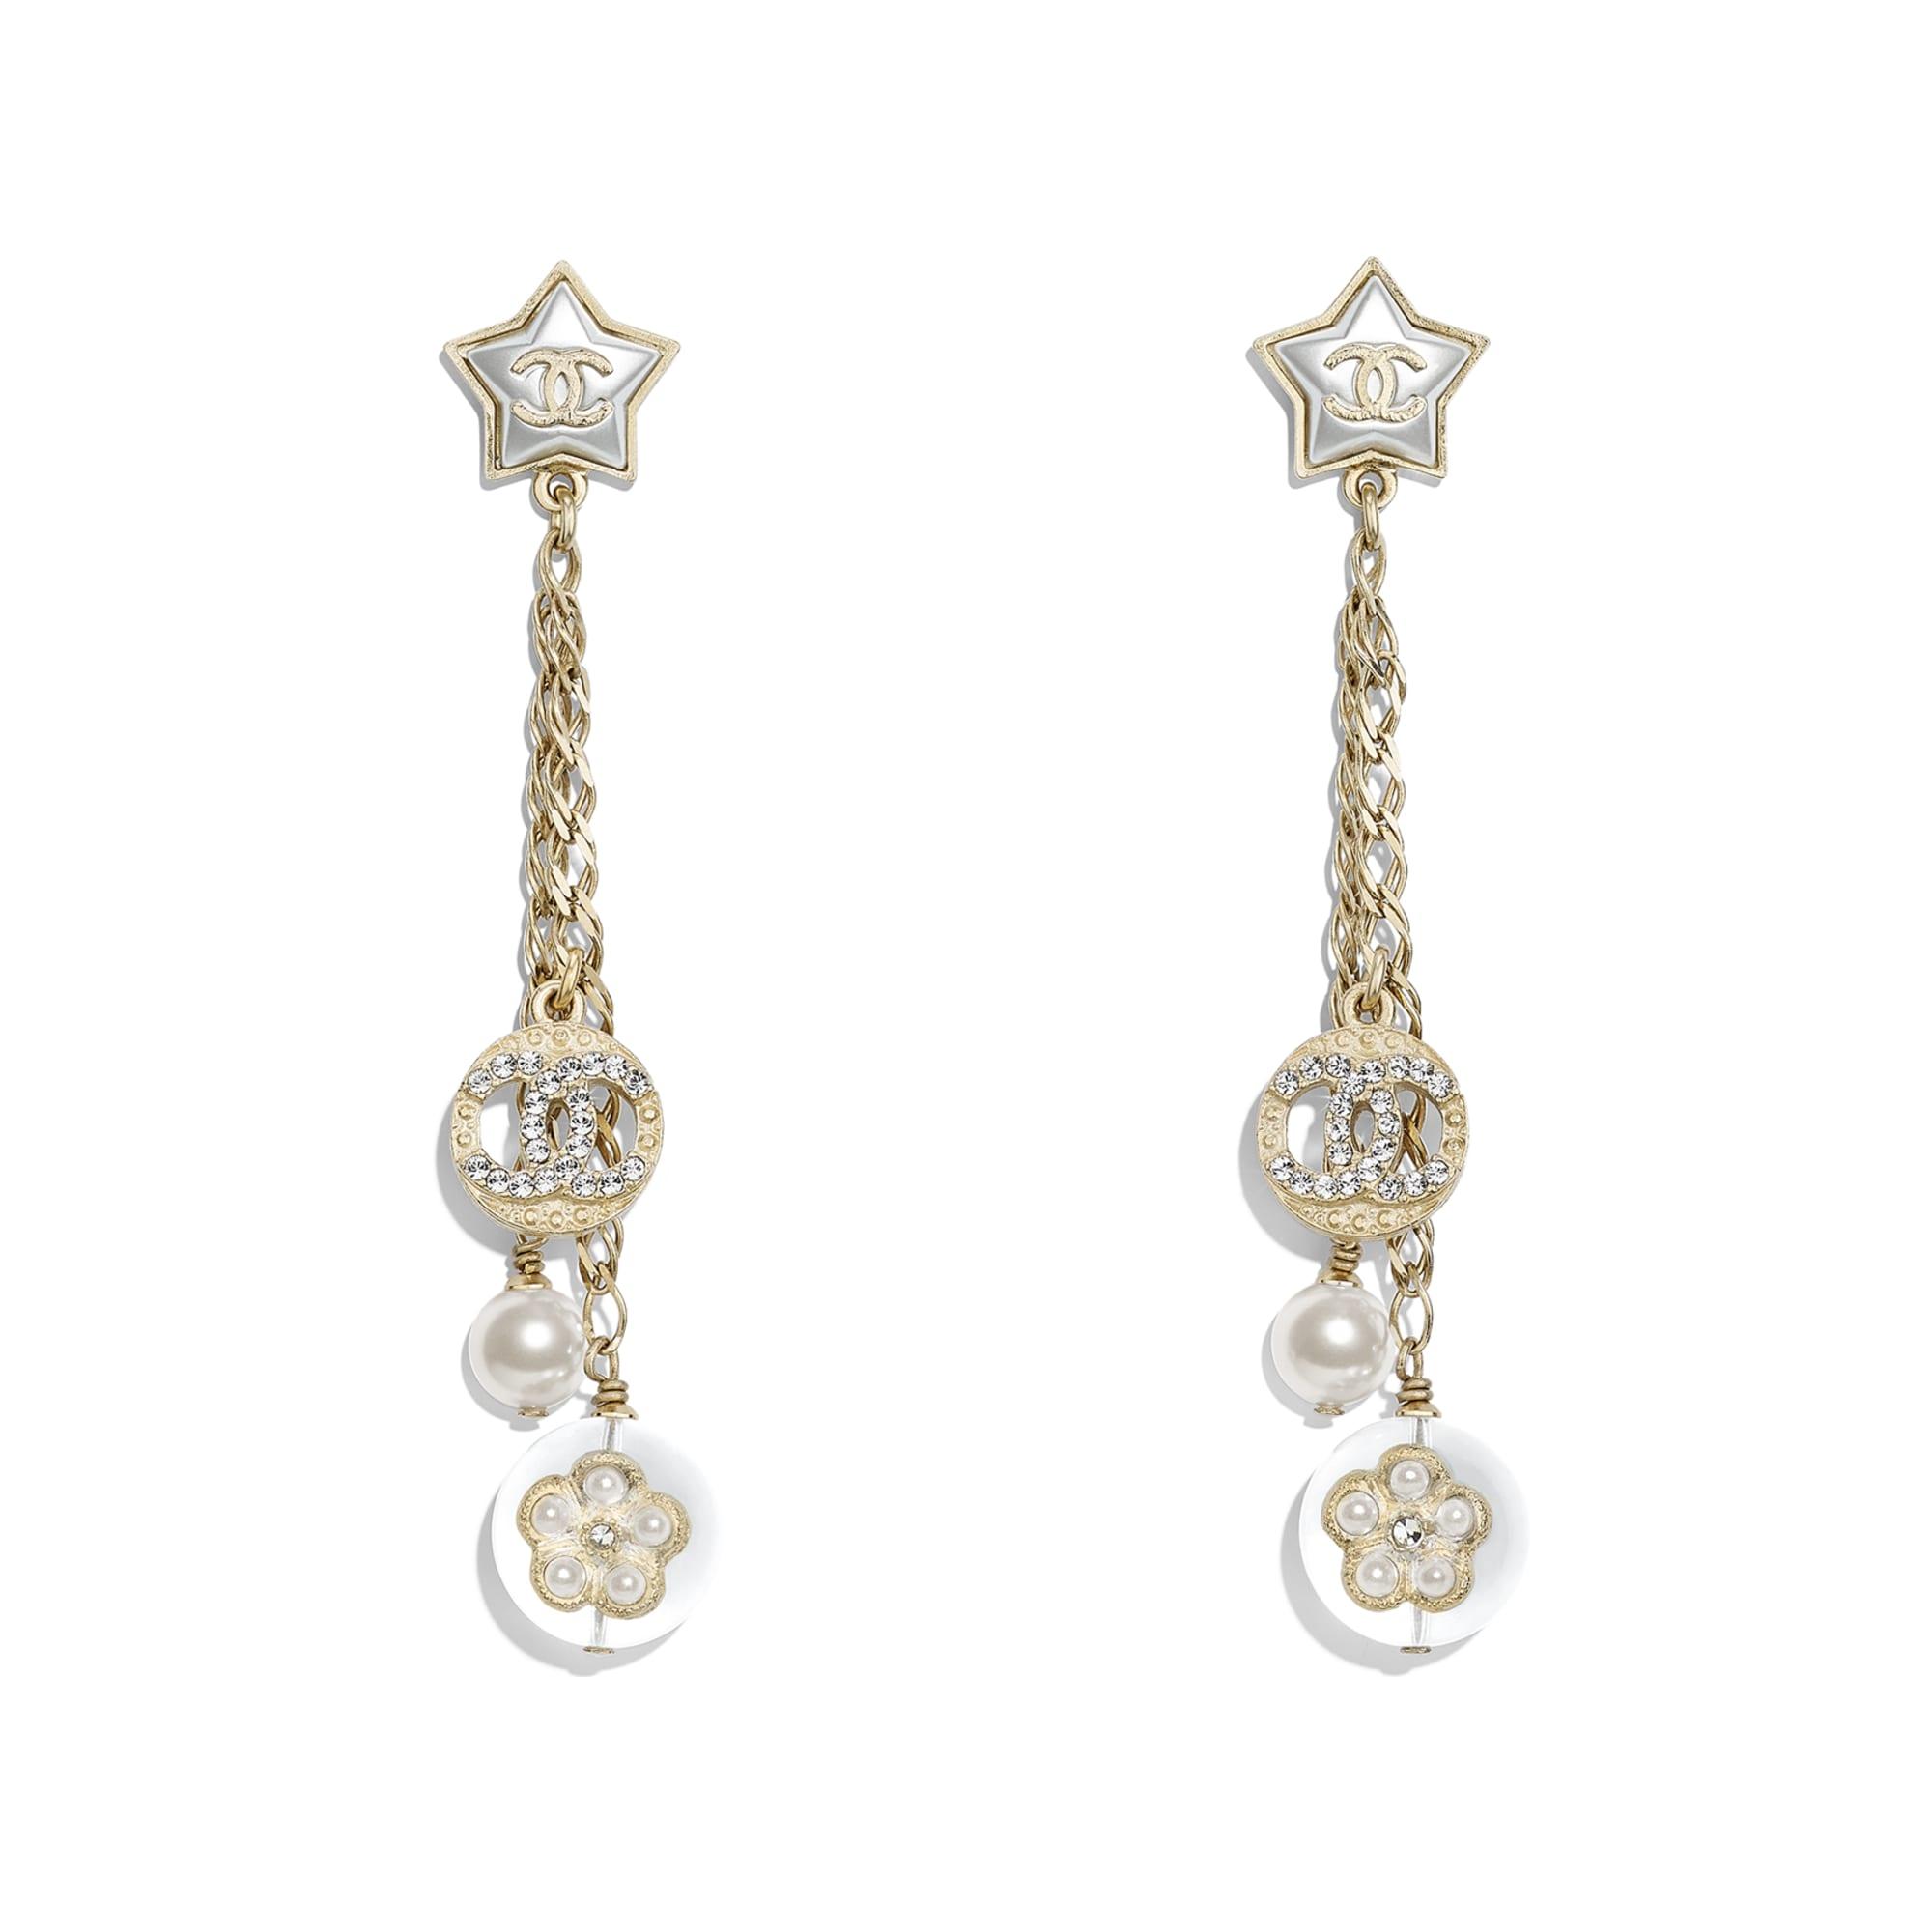 Kolczyki - Kolor złoty, perłowobiały, krystaliczny i przezroczysty - Metal, szklane perły, sztuczne perły, stras i żywica - Widok domyślny – zobacz w standardowym rozmiarze